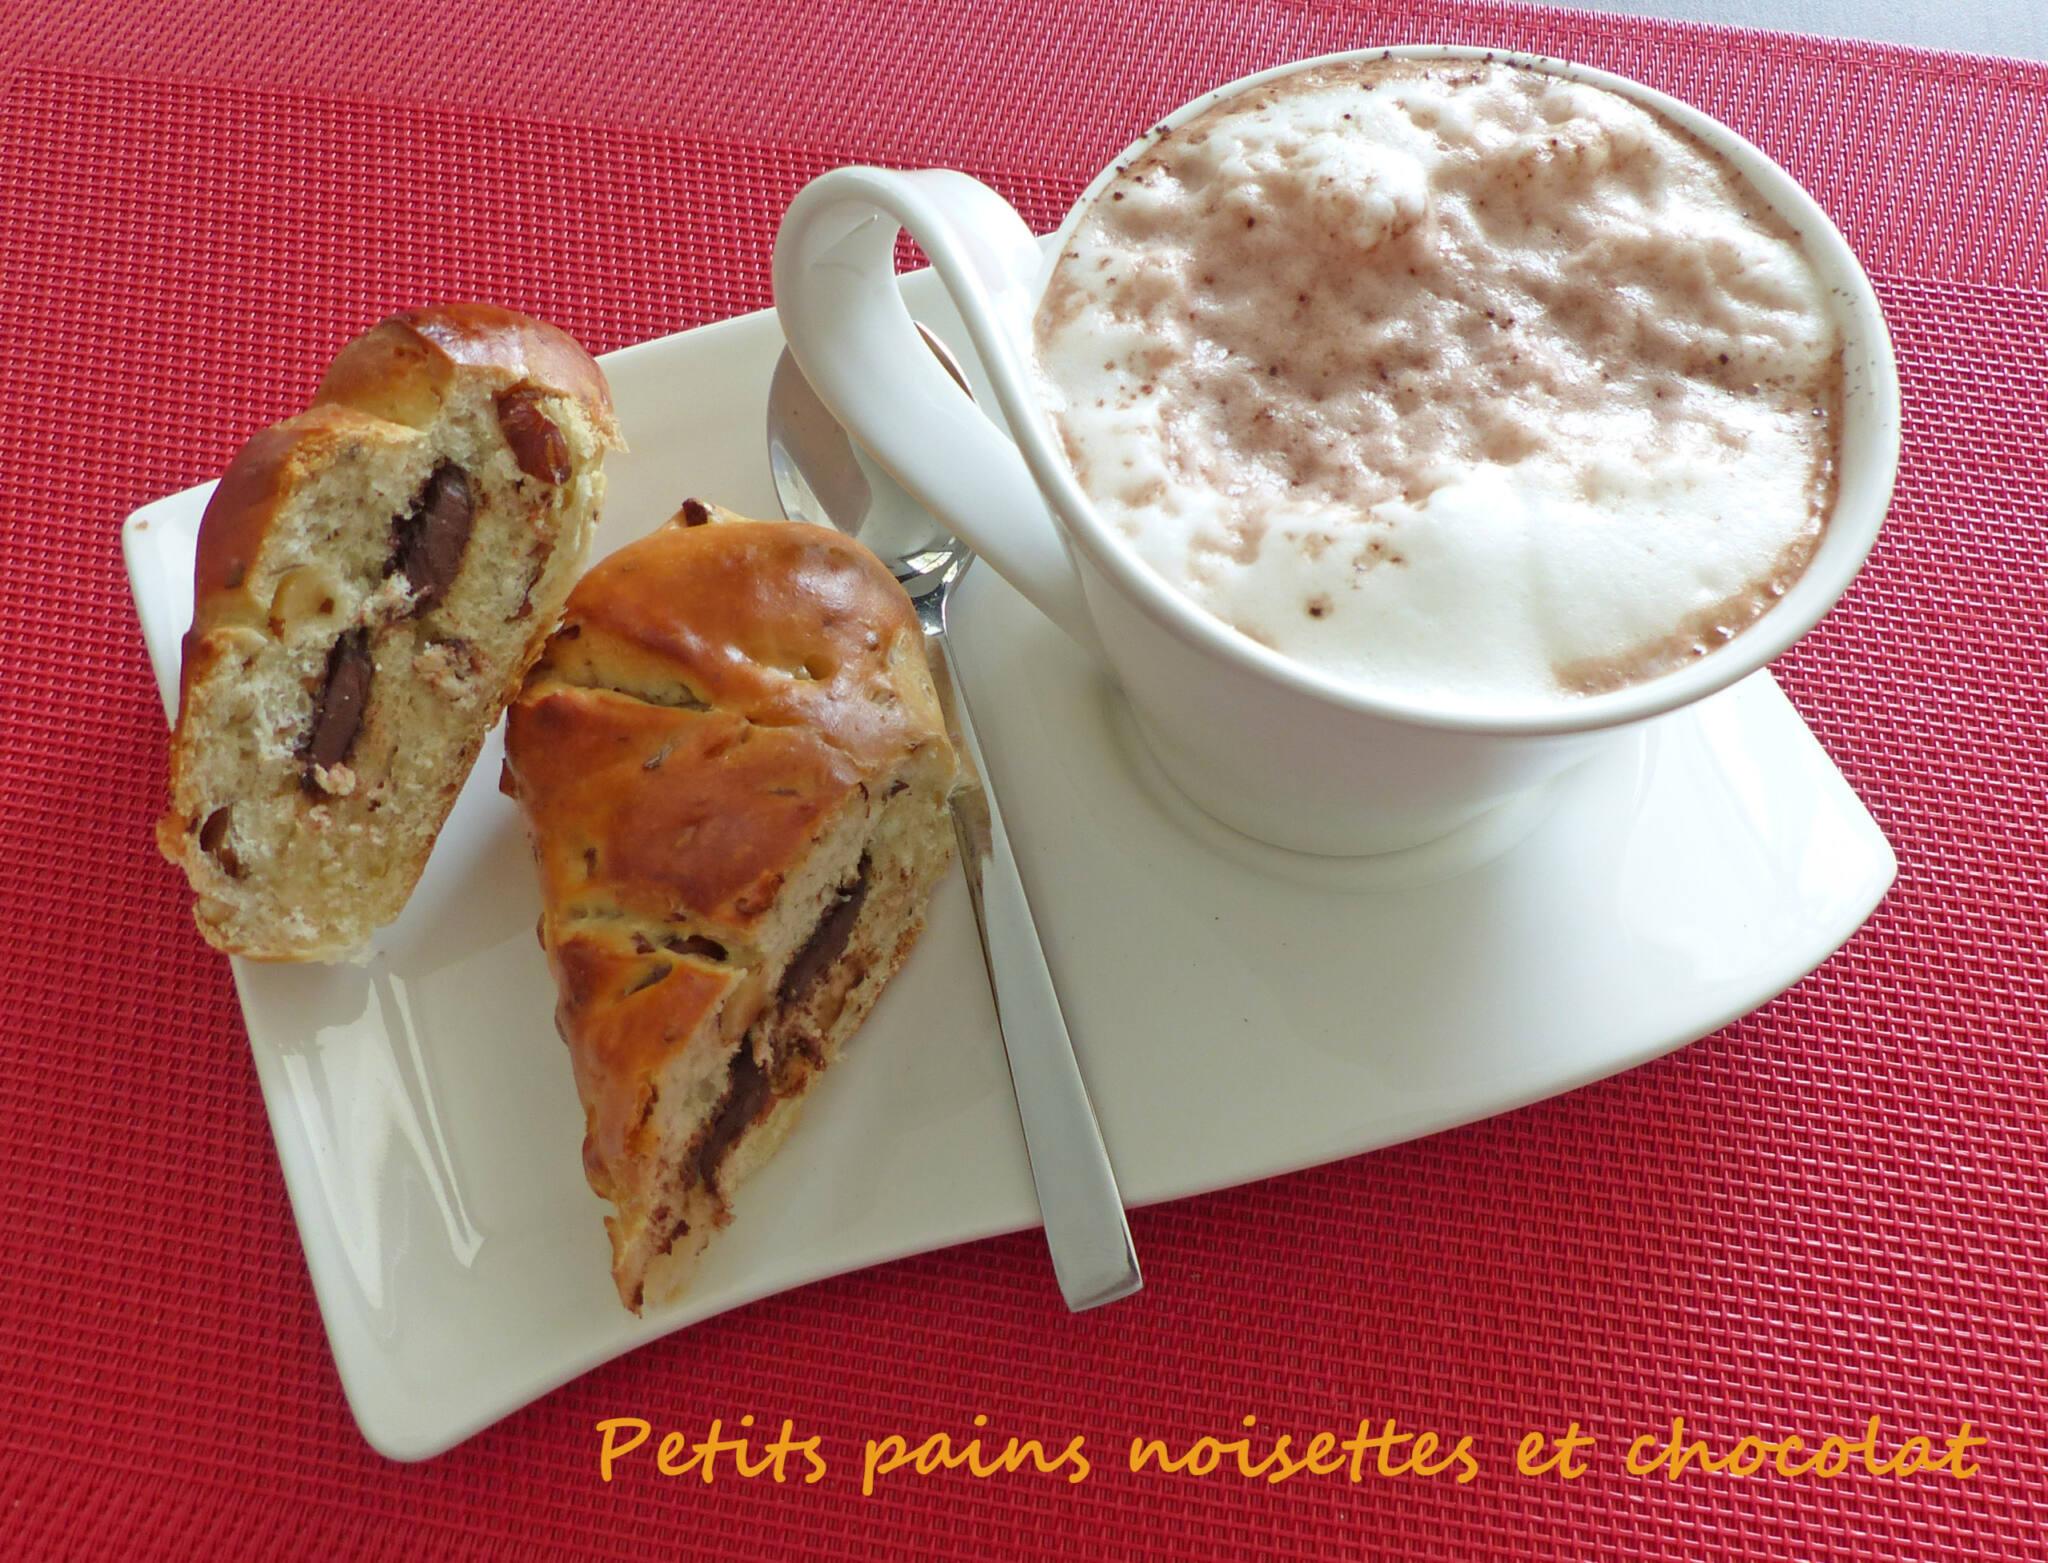 Petits pains noisettes et chocolat P1250242 R